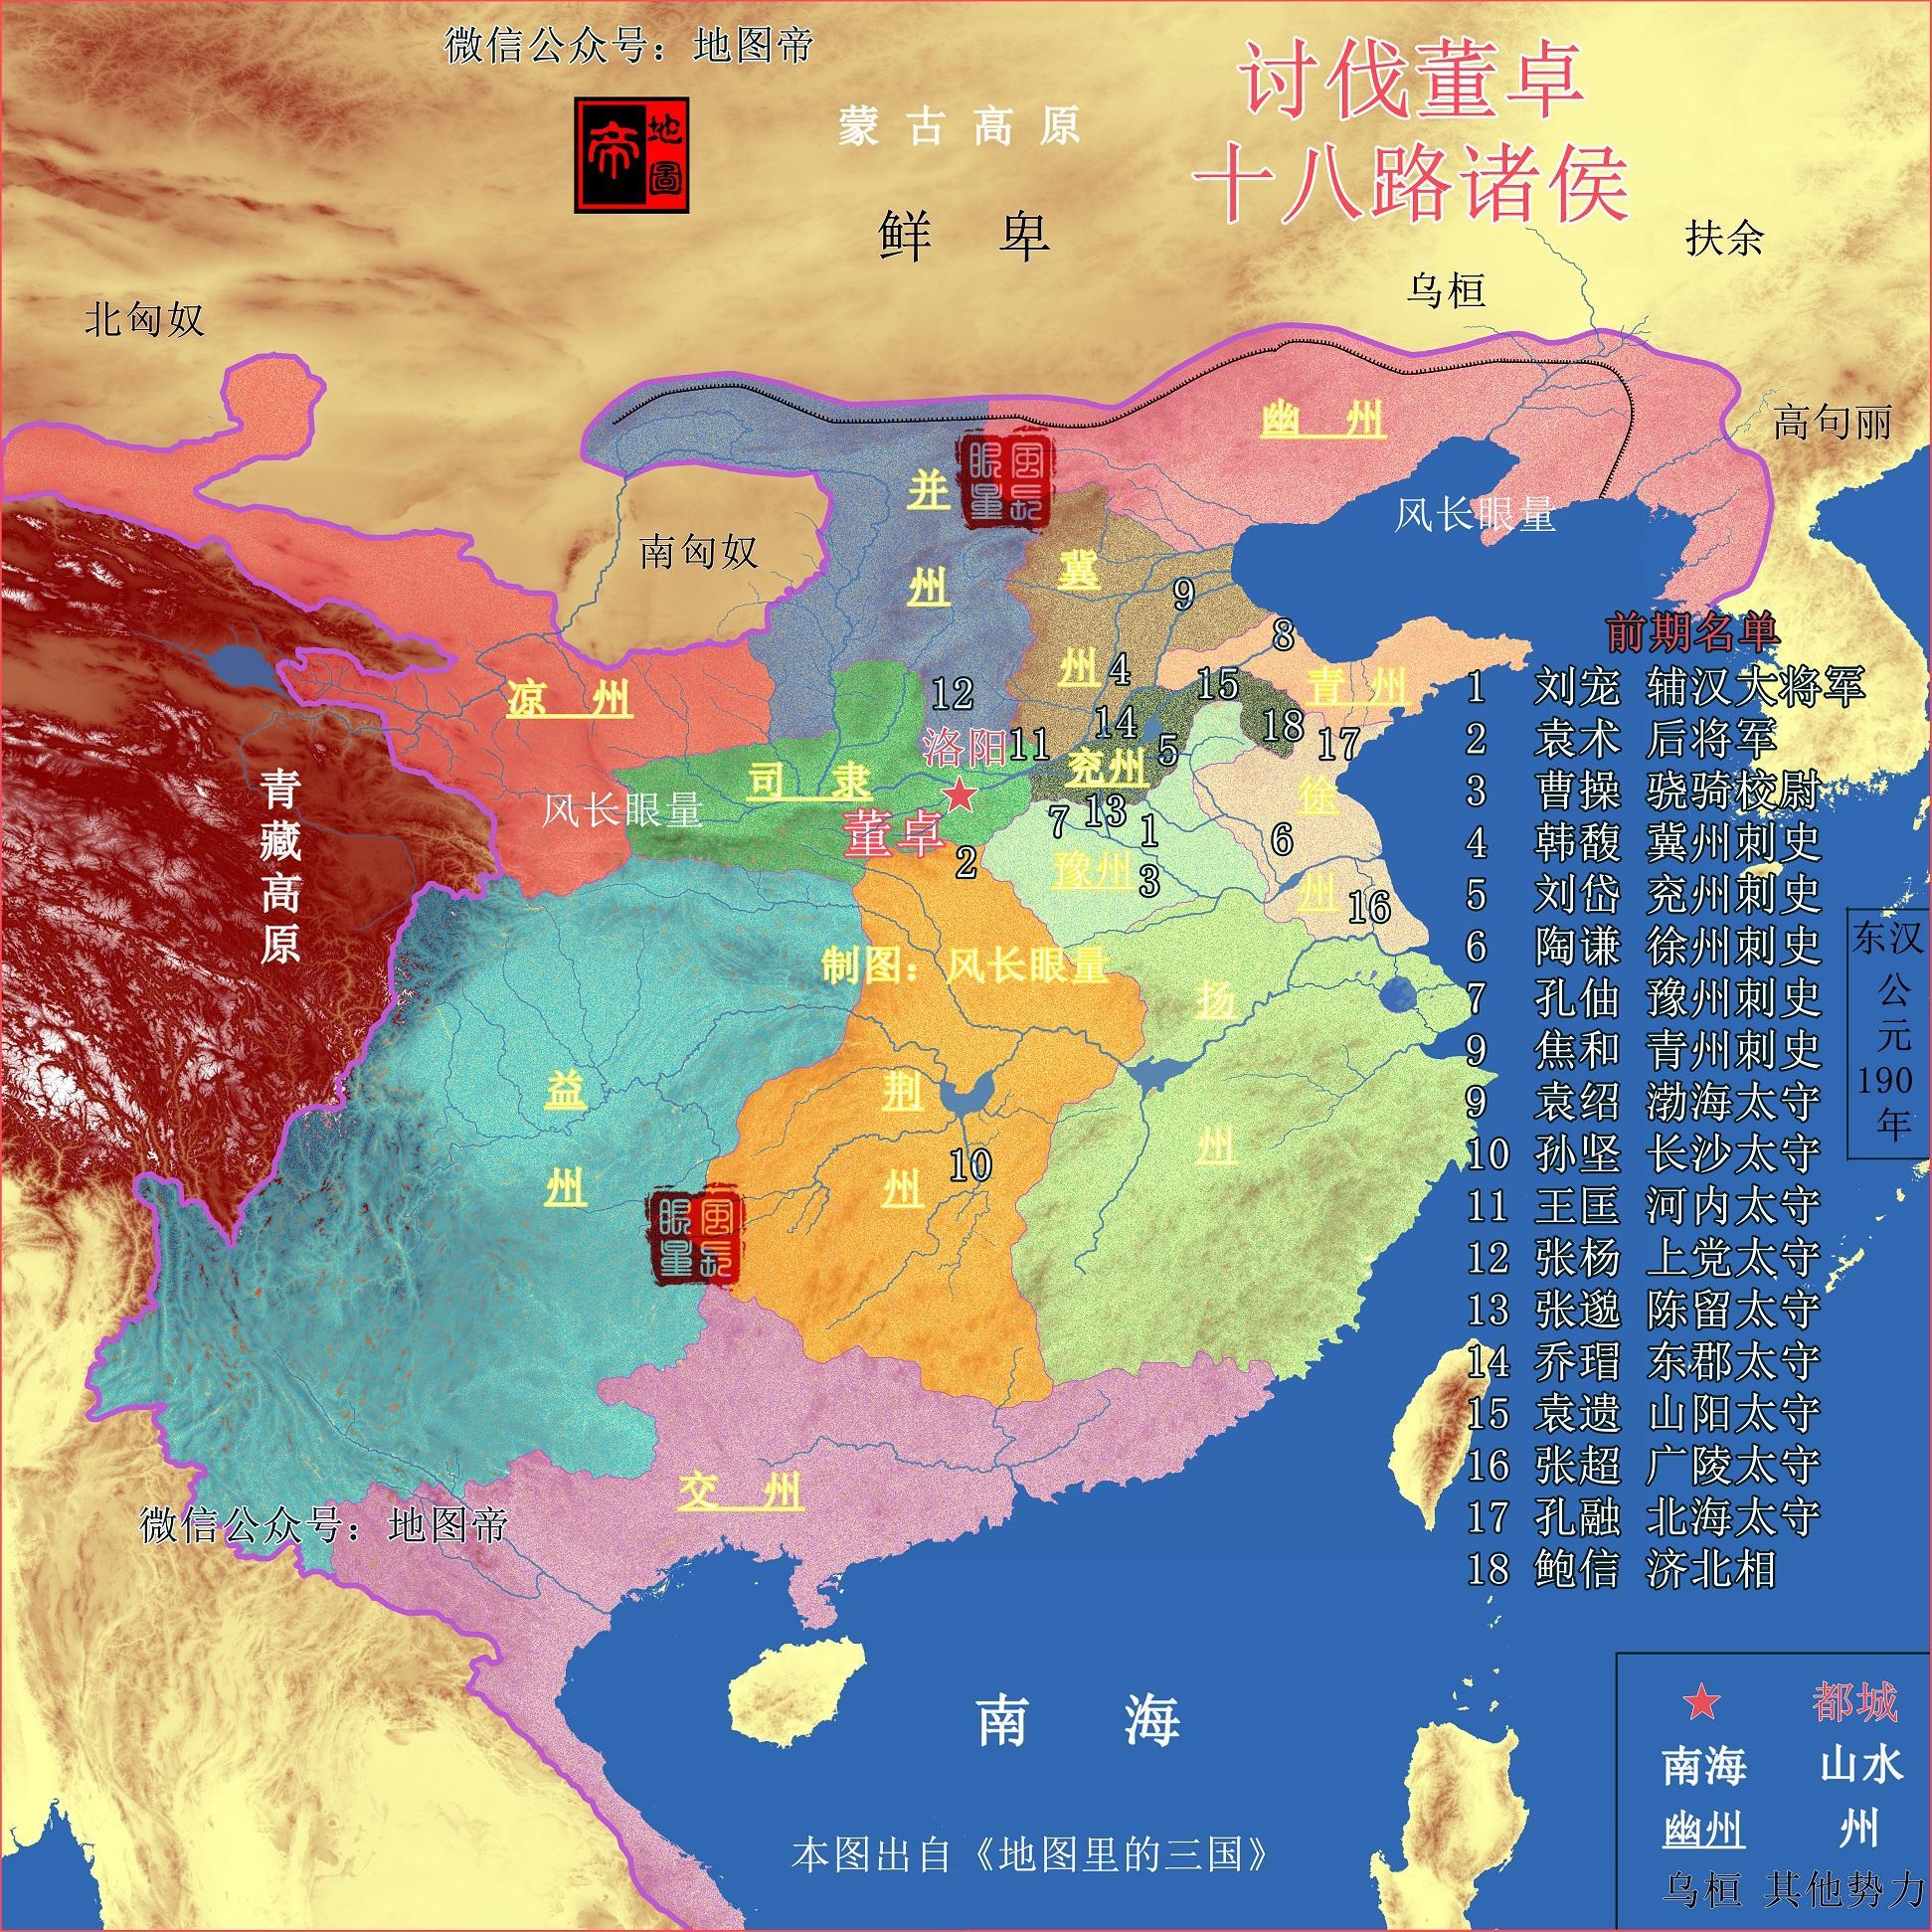 十八路诸侯讨伐董卓,袁绍最初不是统帅,是谁呢?